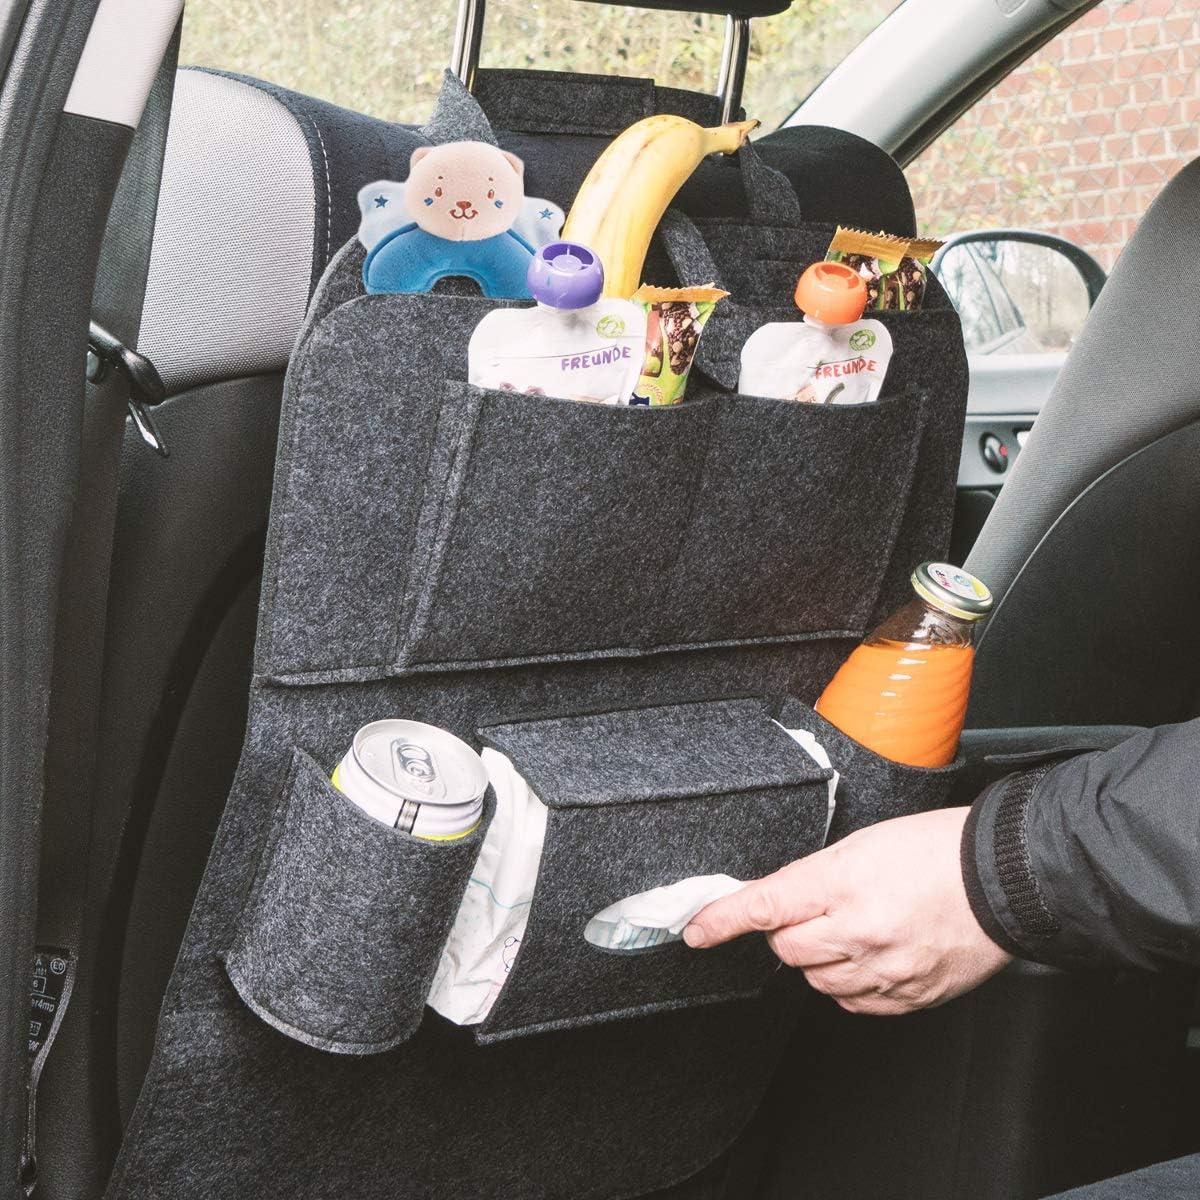 Kinder R/ückenlehnenschutz Tasche in Schwarz Navaris Auto R/ücksitz Organizer R/ücklehnenschutz 56 x 42 cm Filz Autositz R/ückenlehnentasche